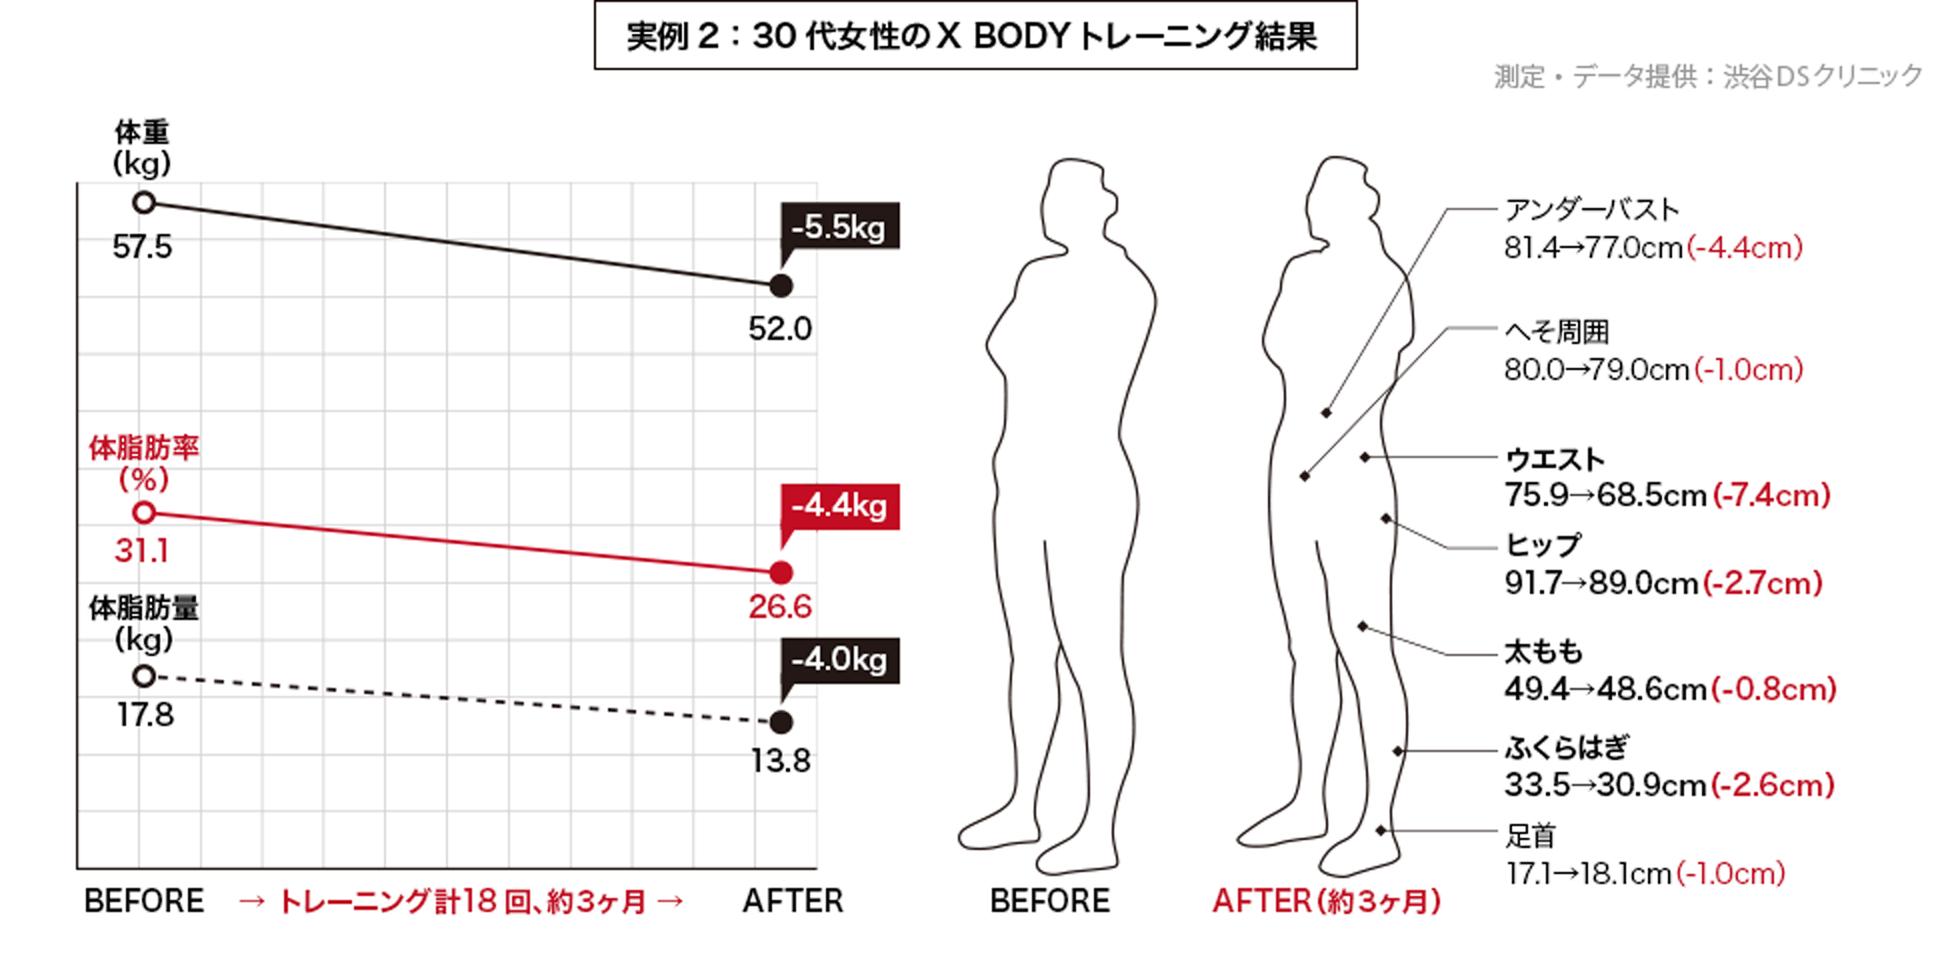 実例2:30代女性のX BODYトレーニング結果